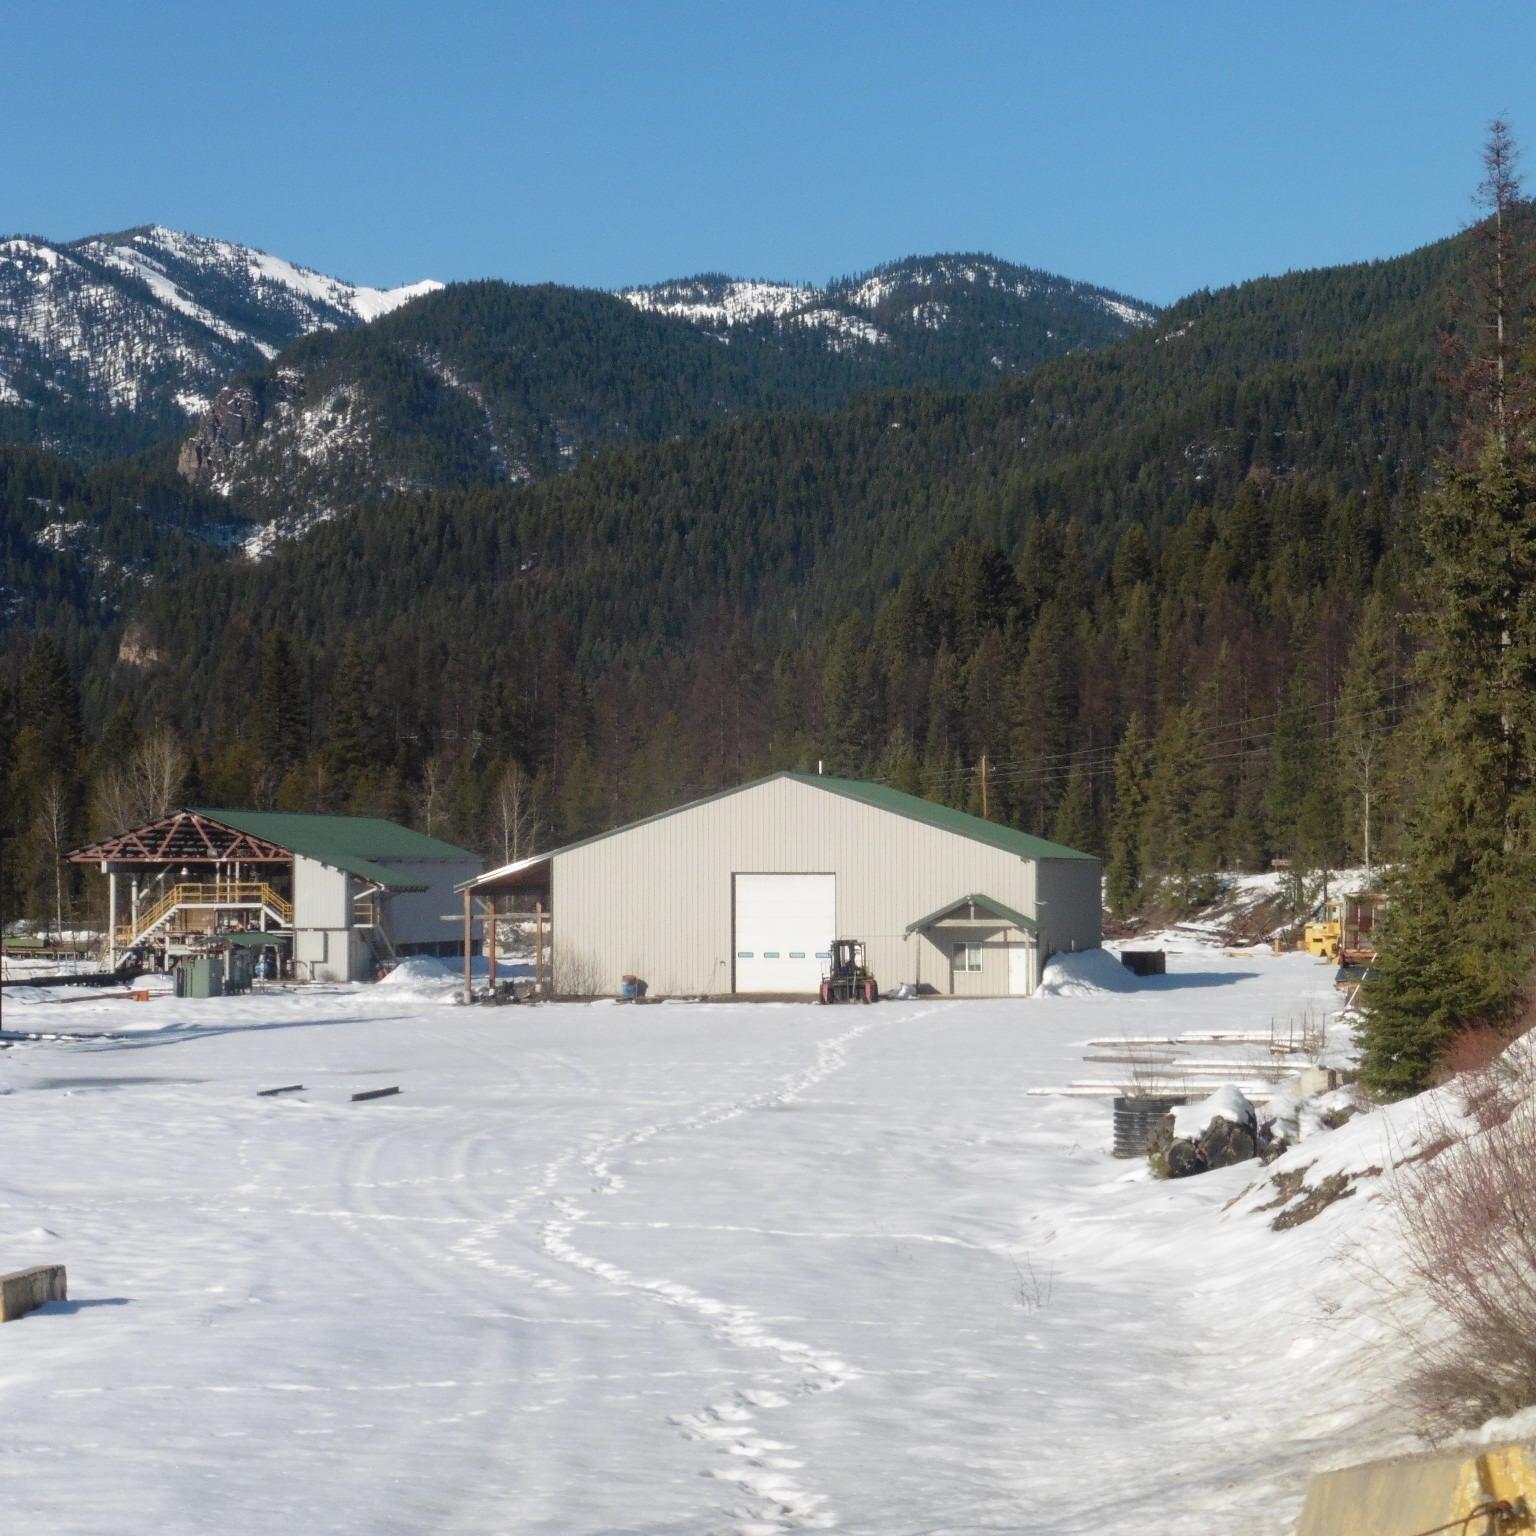 1717 Mt Hwy 200, Noxon, MT 59853